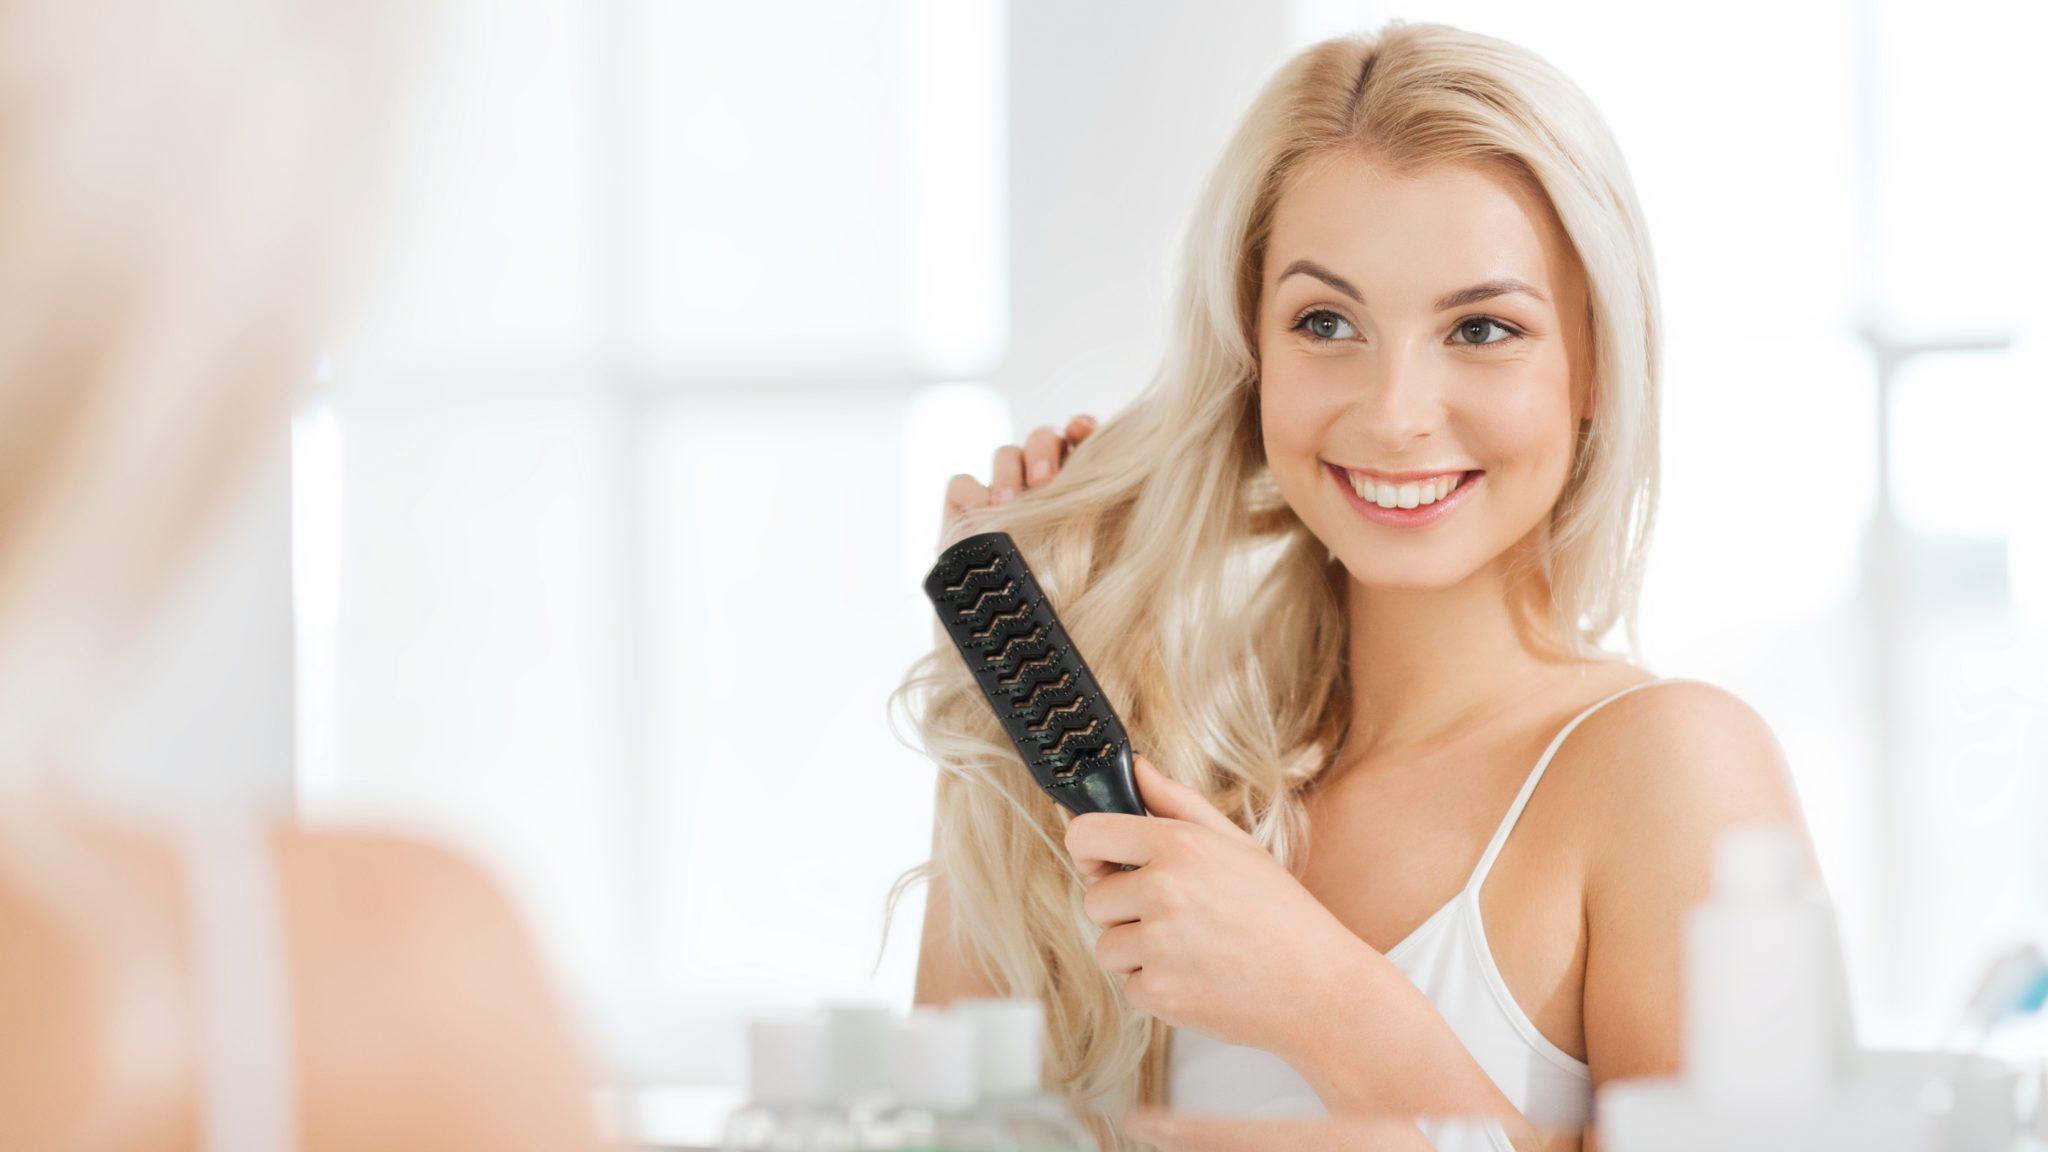 Junge Frau kämmt ihre Haare